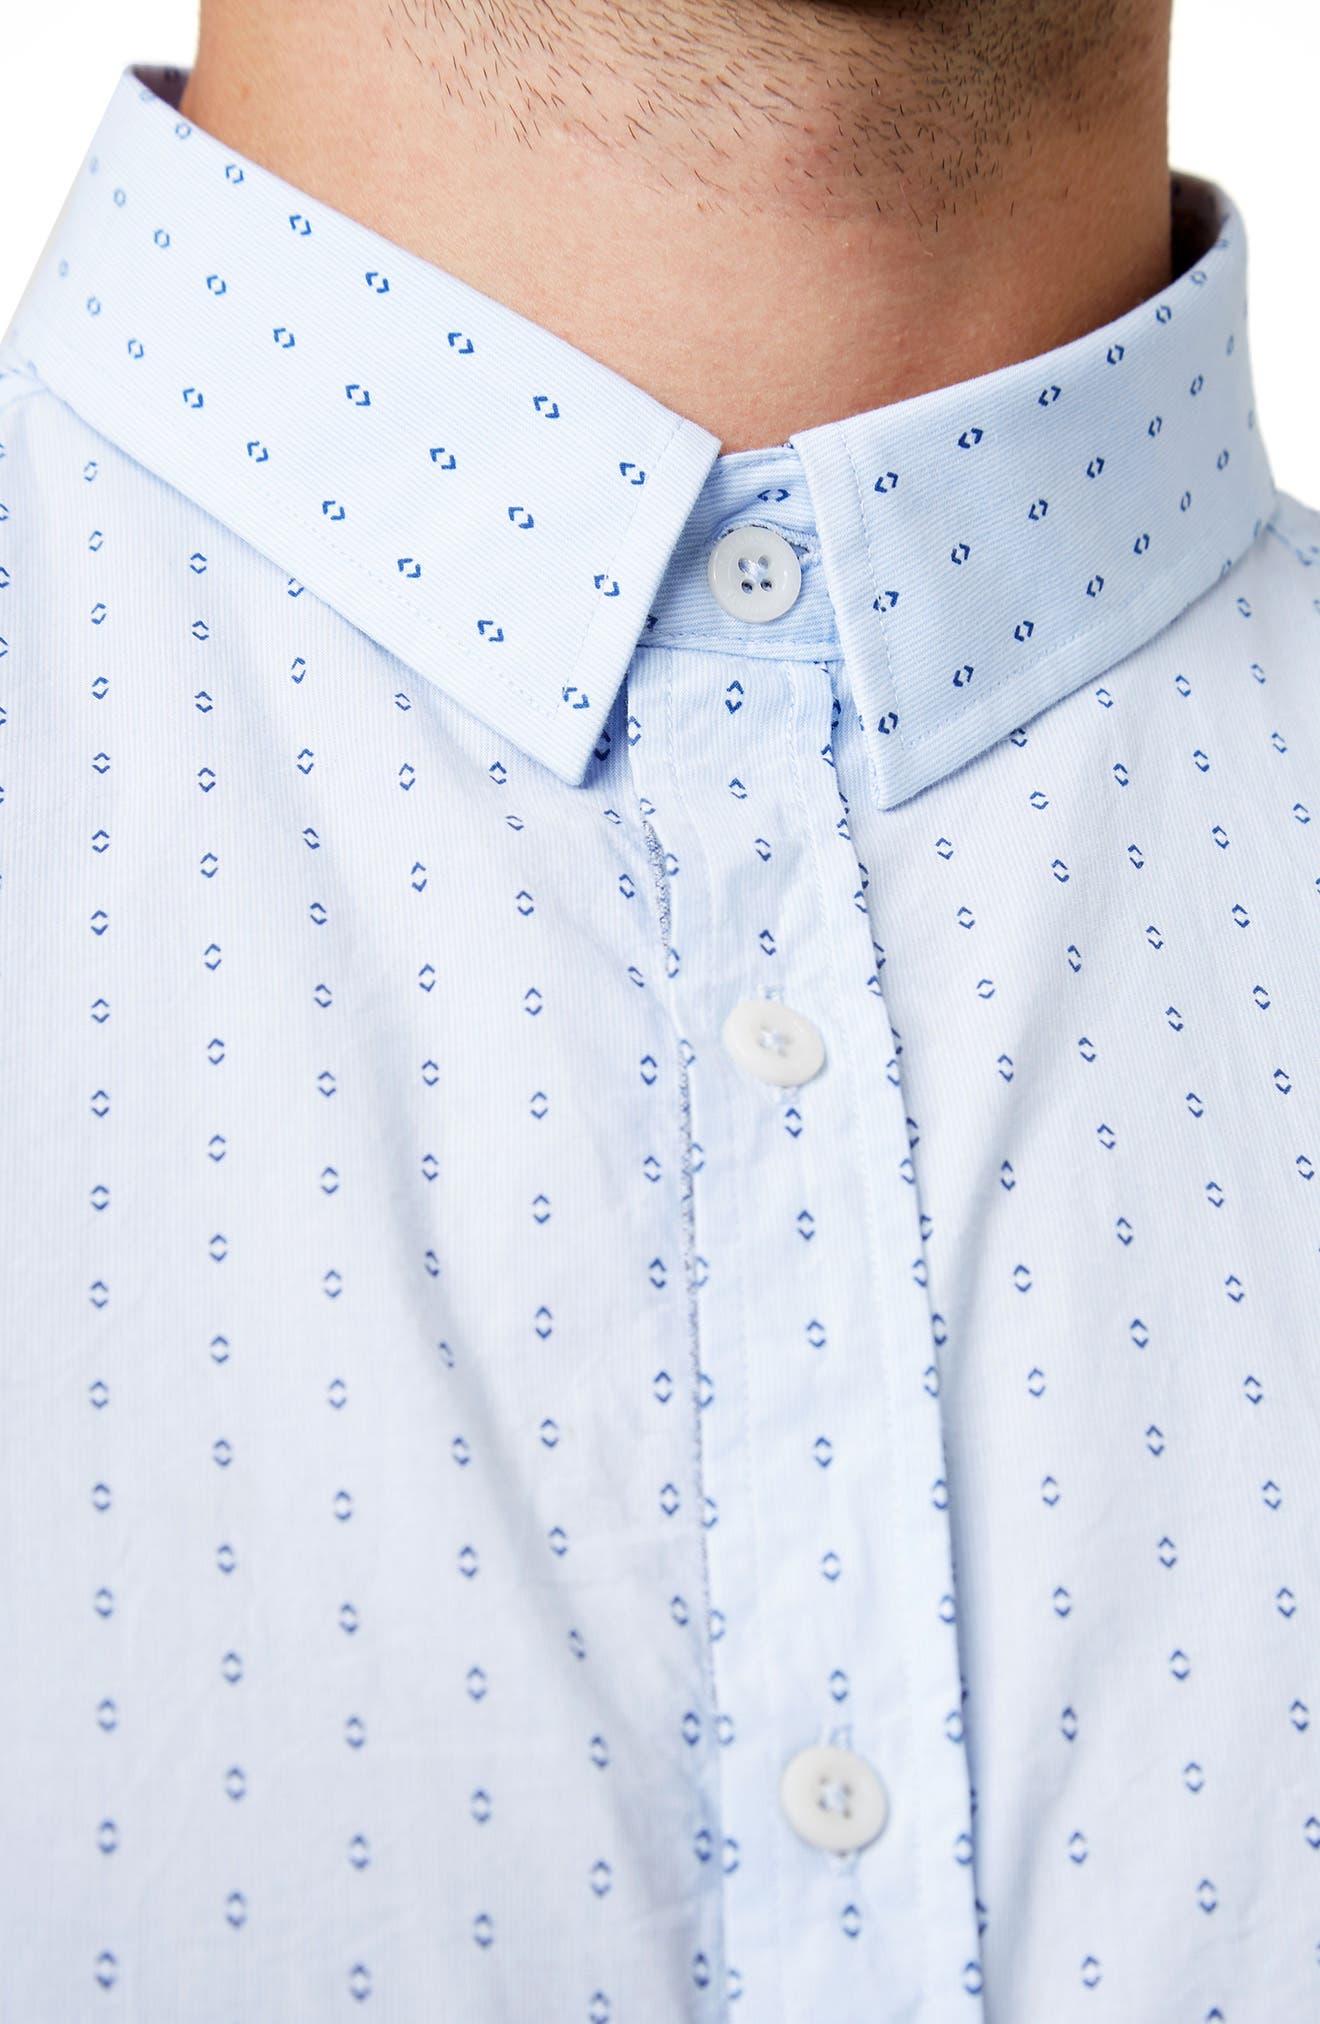 Automation Woven Shirt,                             Alternate thumbnail 4, color,                             Lt. Blue